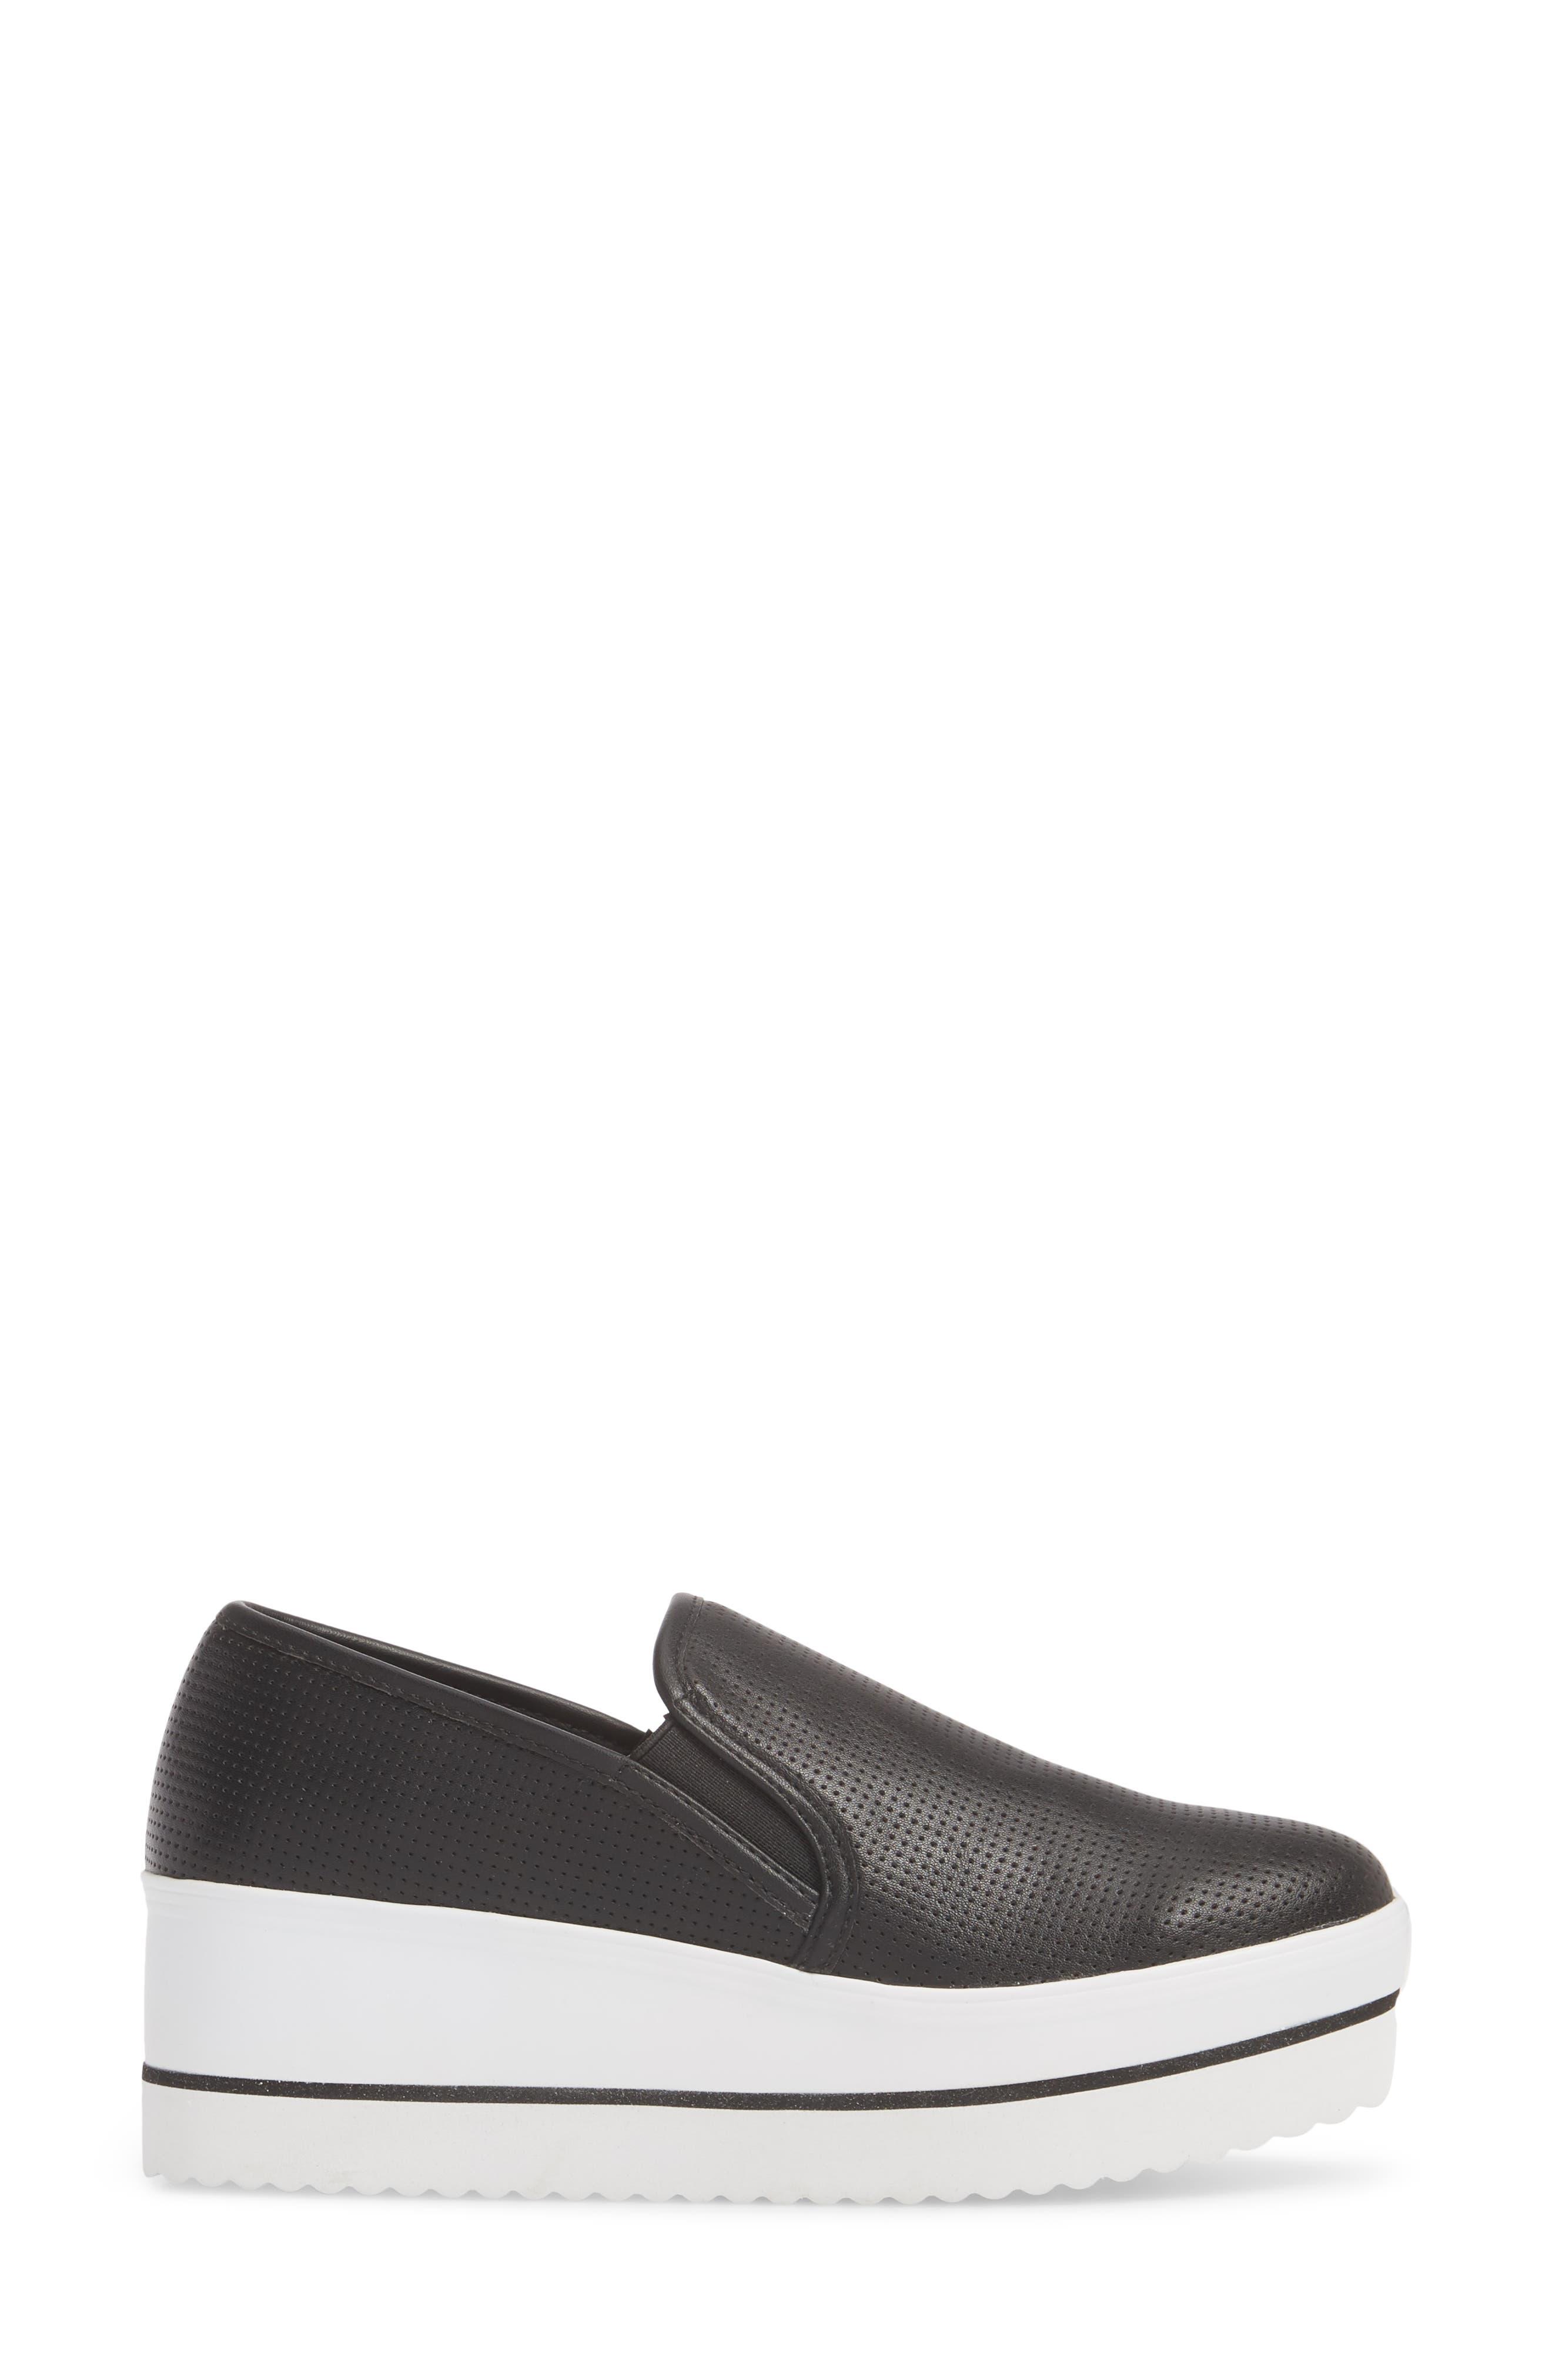 Becca Slip-On Sneaker,                             Alternate thumbnail 3, color,                             Black